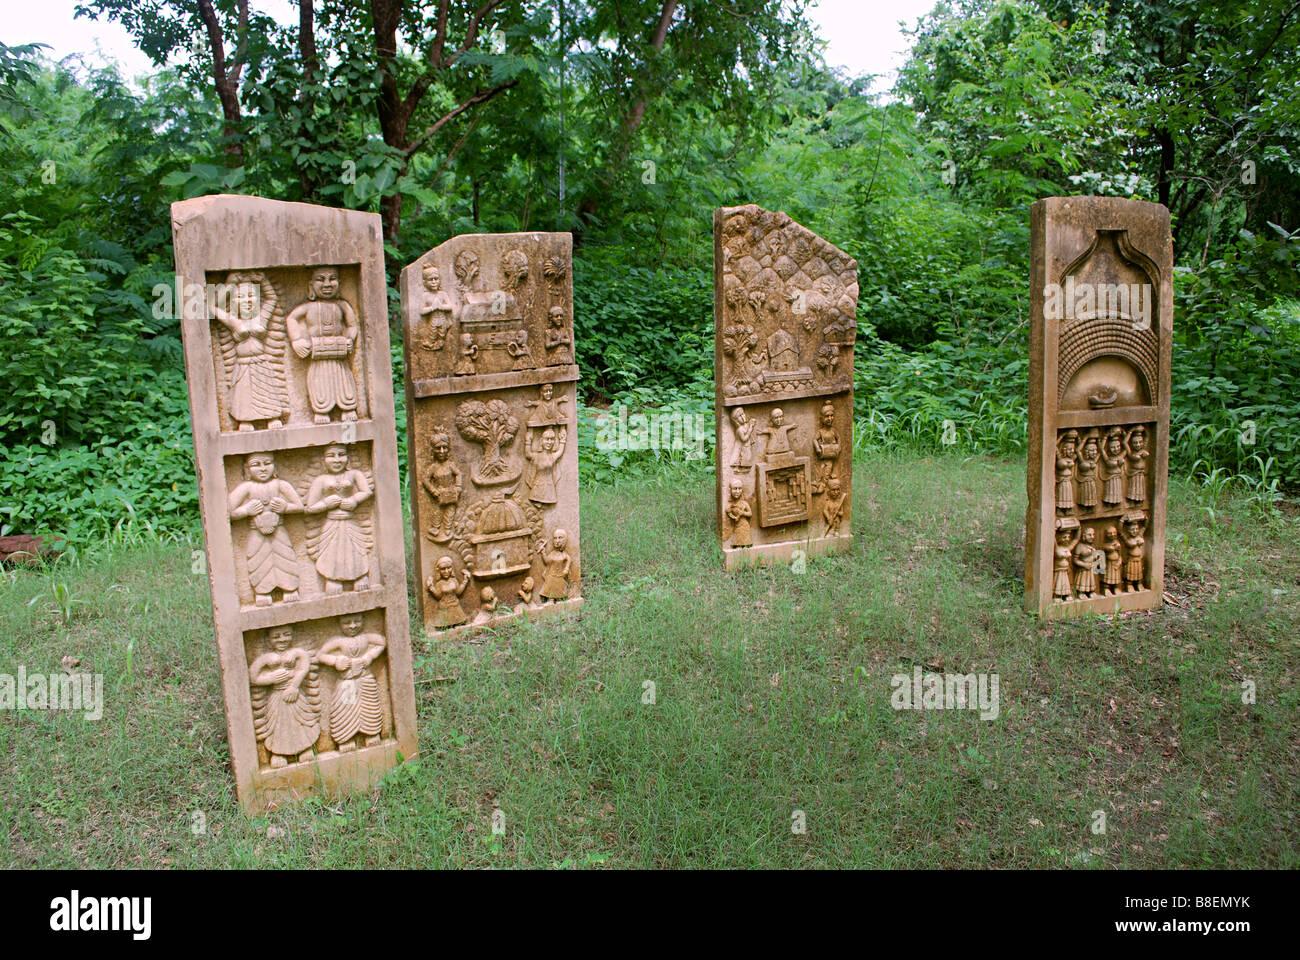 The Myth and Ritual of Ganaguar, Sirohi, Rajasthan, at Manav Sangrahalaya, Bhopal, MP, India - Stock Image